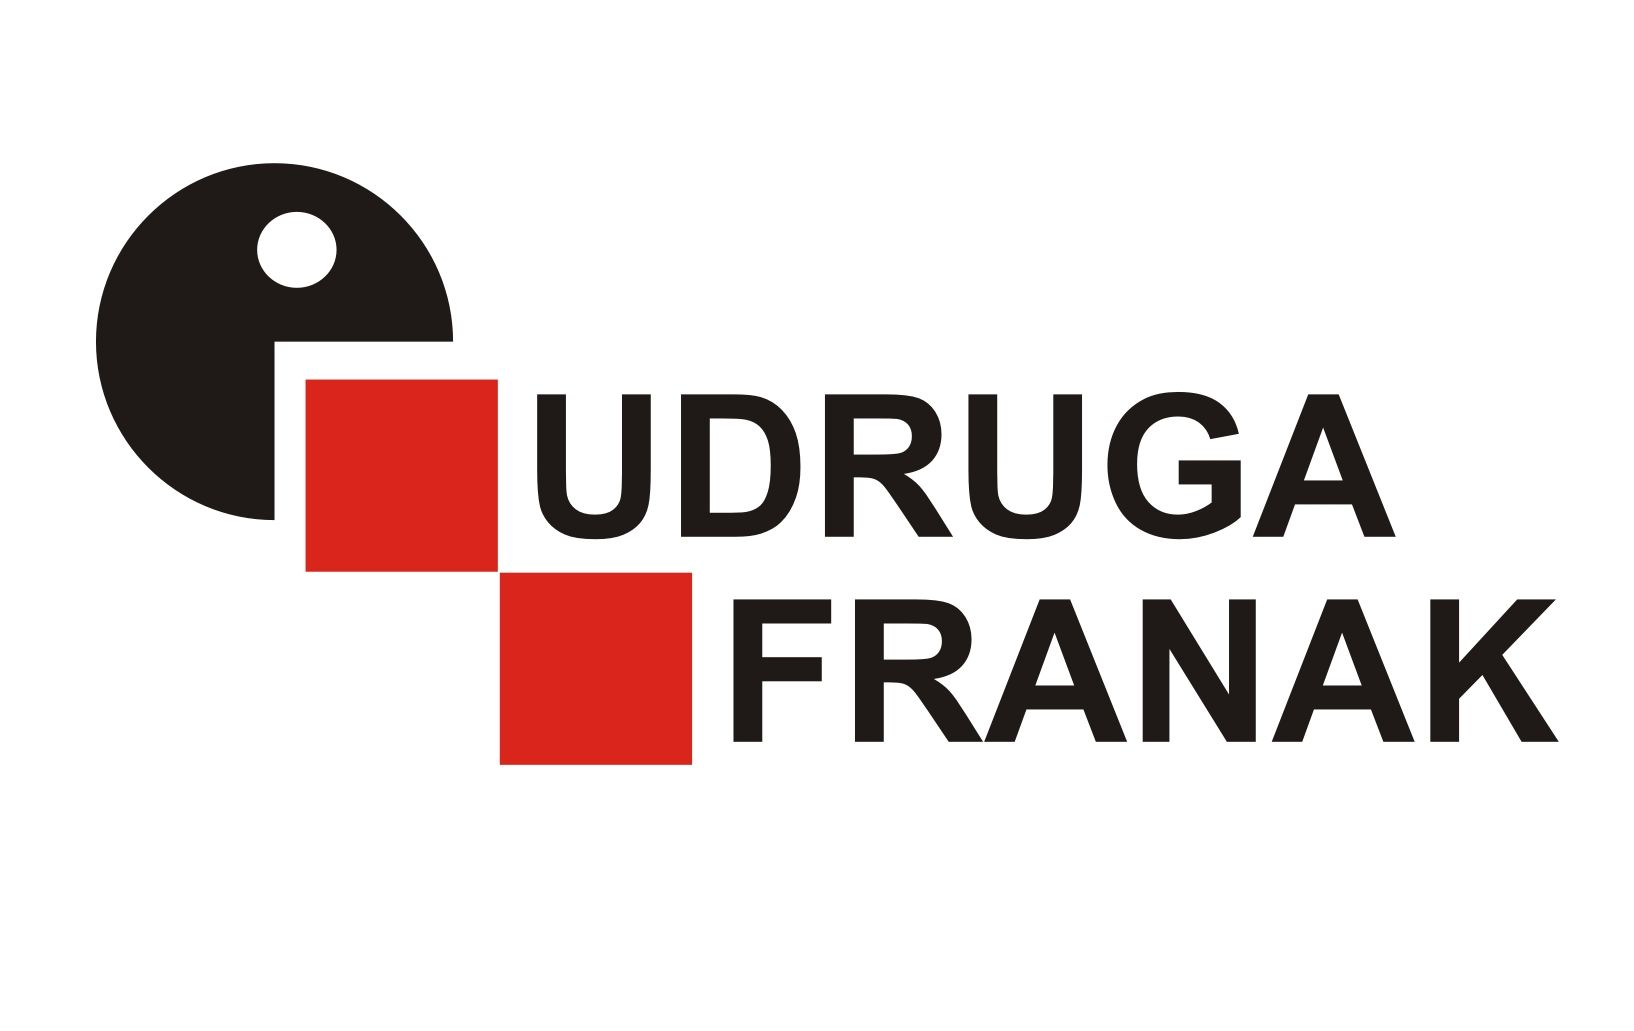 udruga franak logo 1